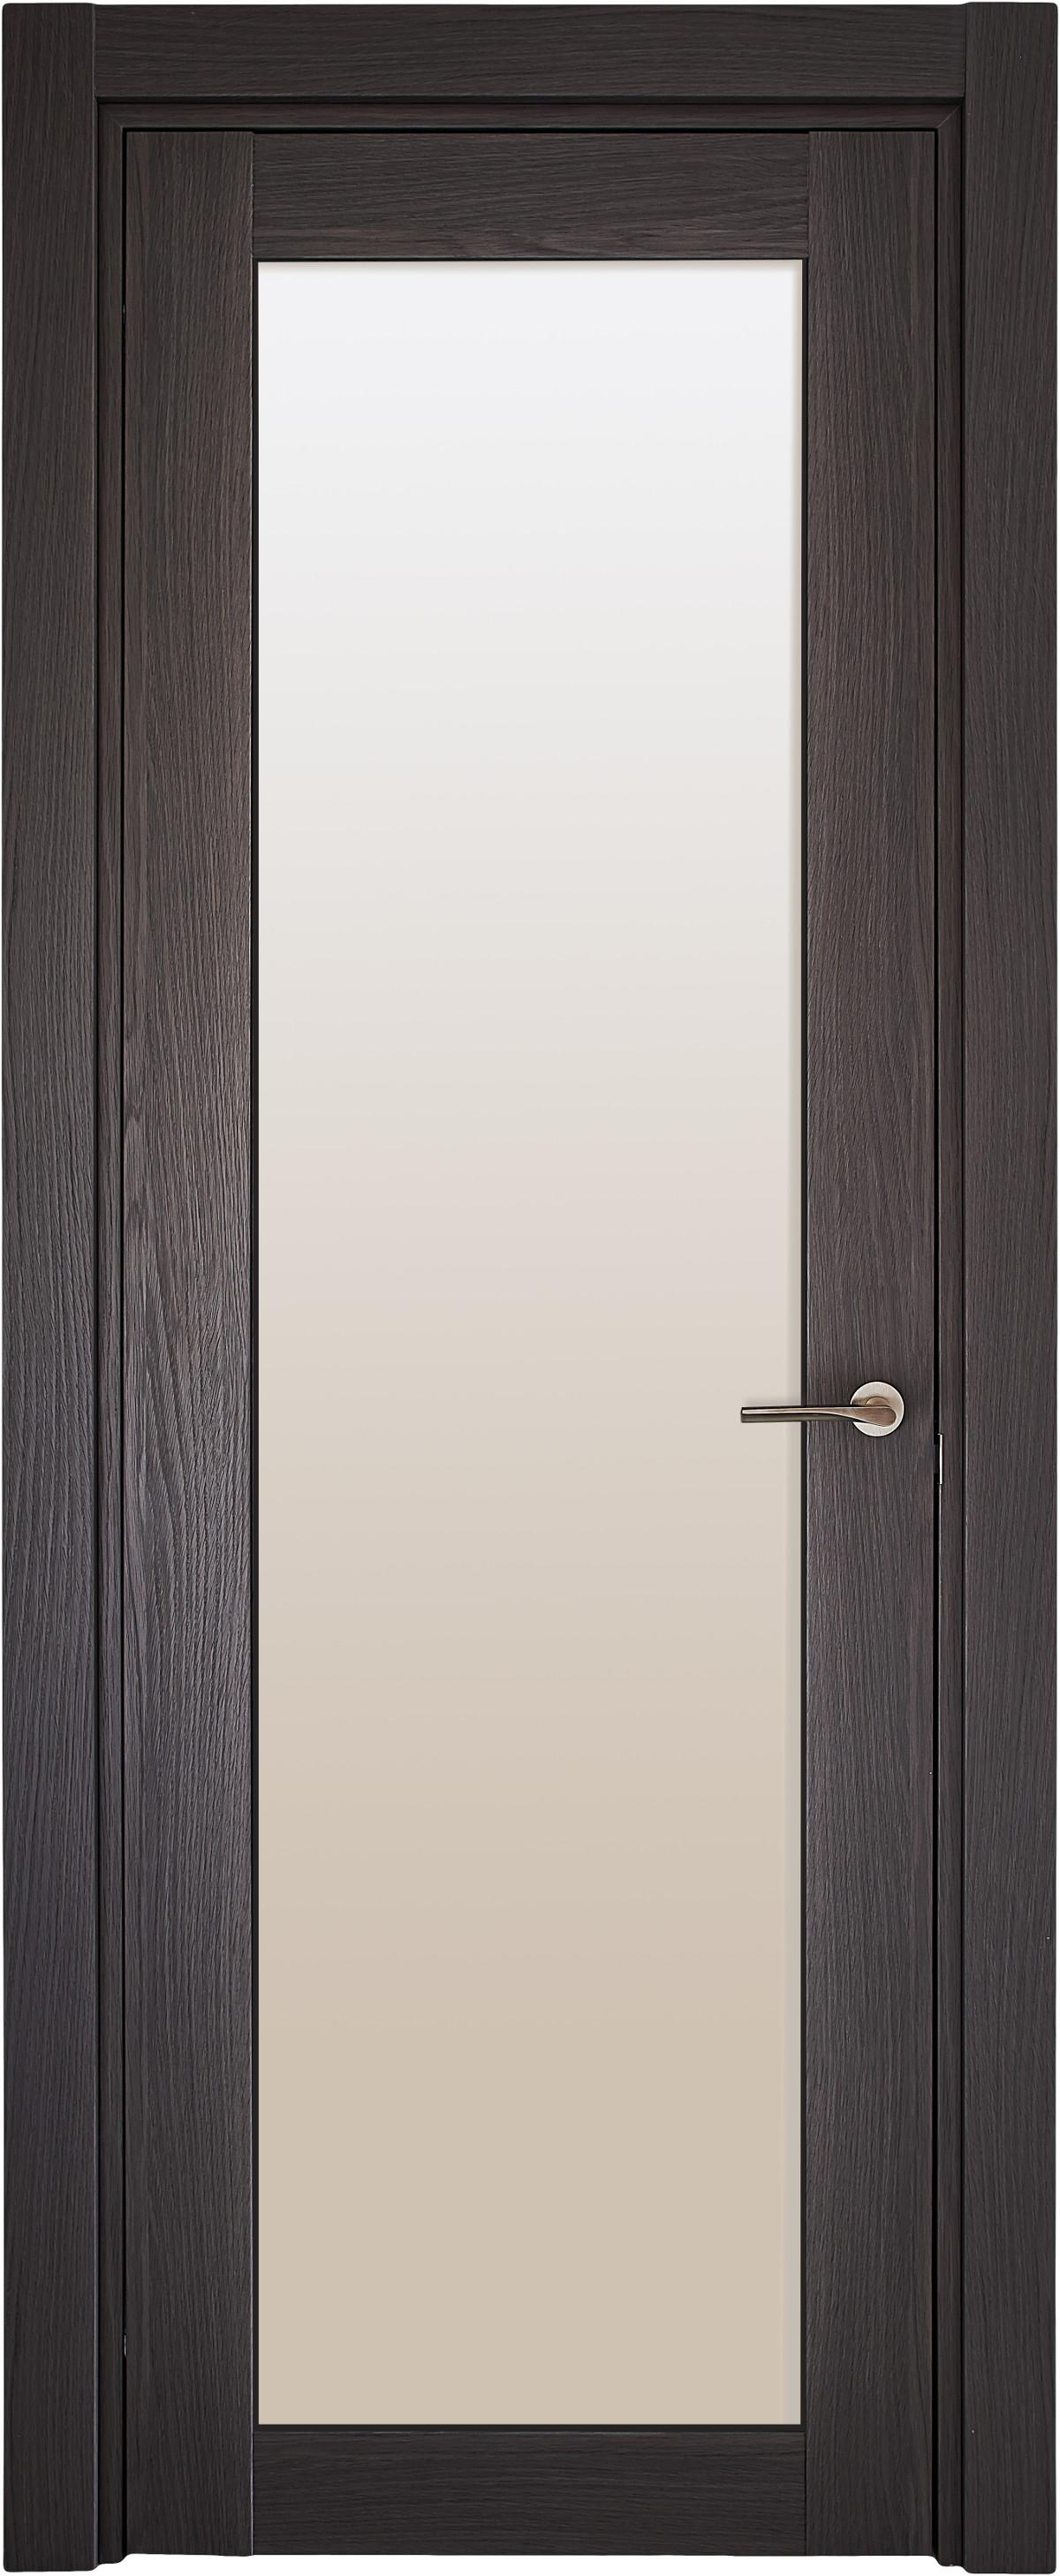 Межкомнатные итальянские двери Onda 1S